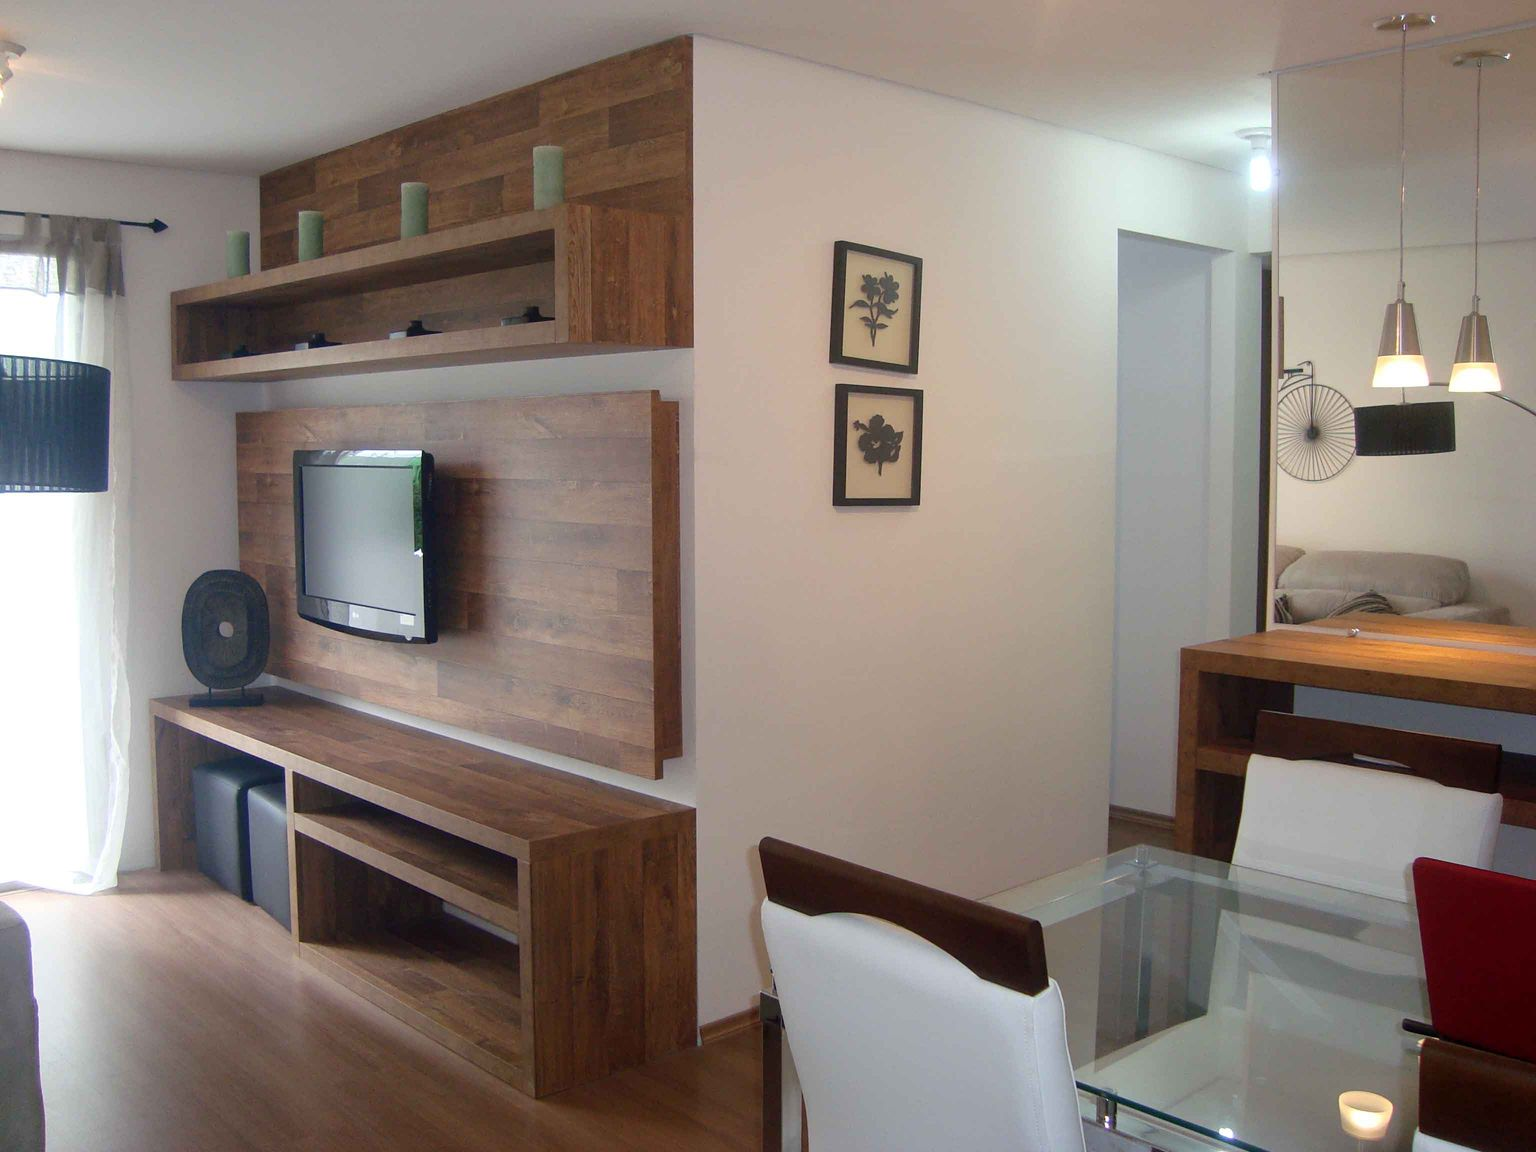 sala de tv para apartamento pequeno 4.jpg (1536×1152) | Decoración ...